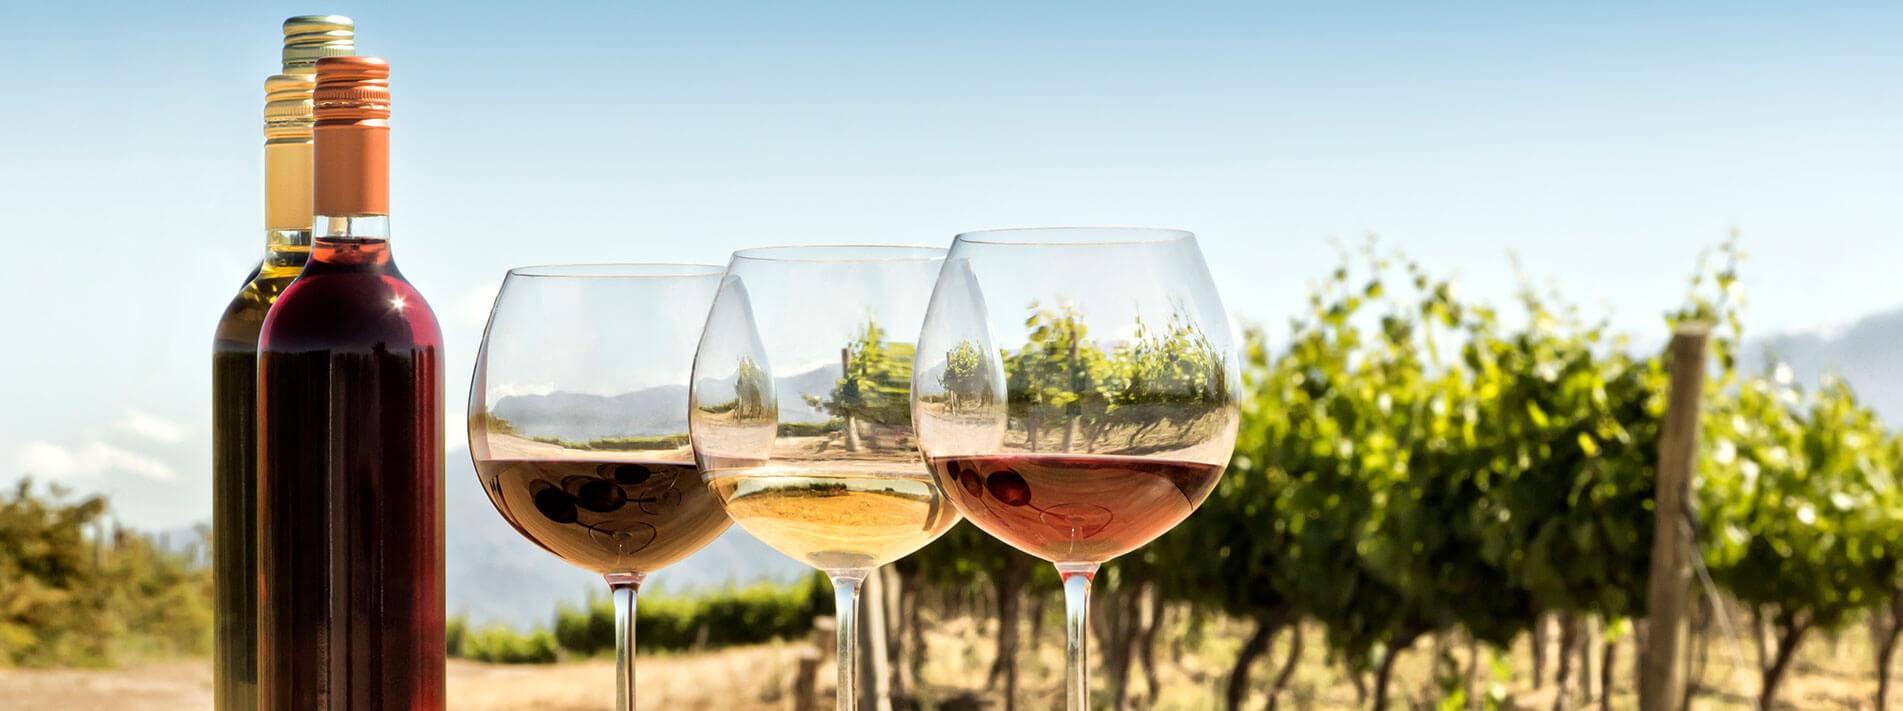 https://www.gateways-international.com/wp-content/uploads/2020/01/2020-Hero-Main-Culinary-Wine-TM.jpg